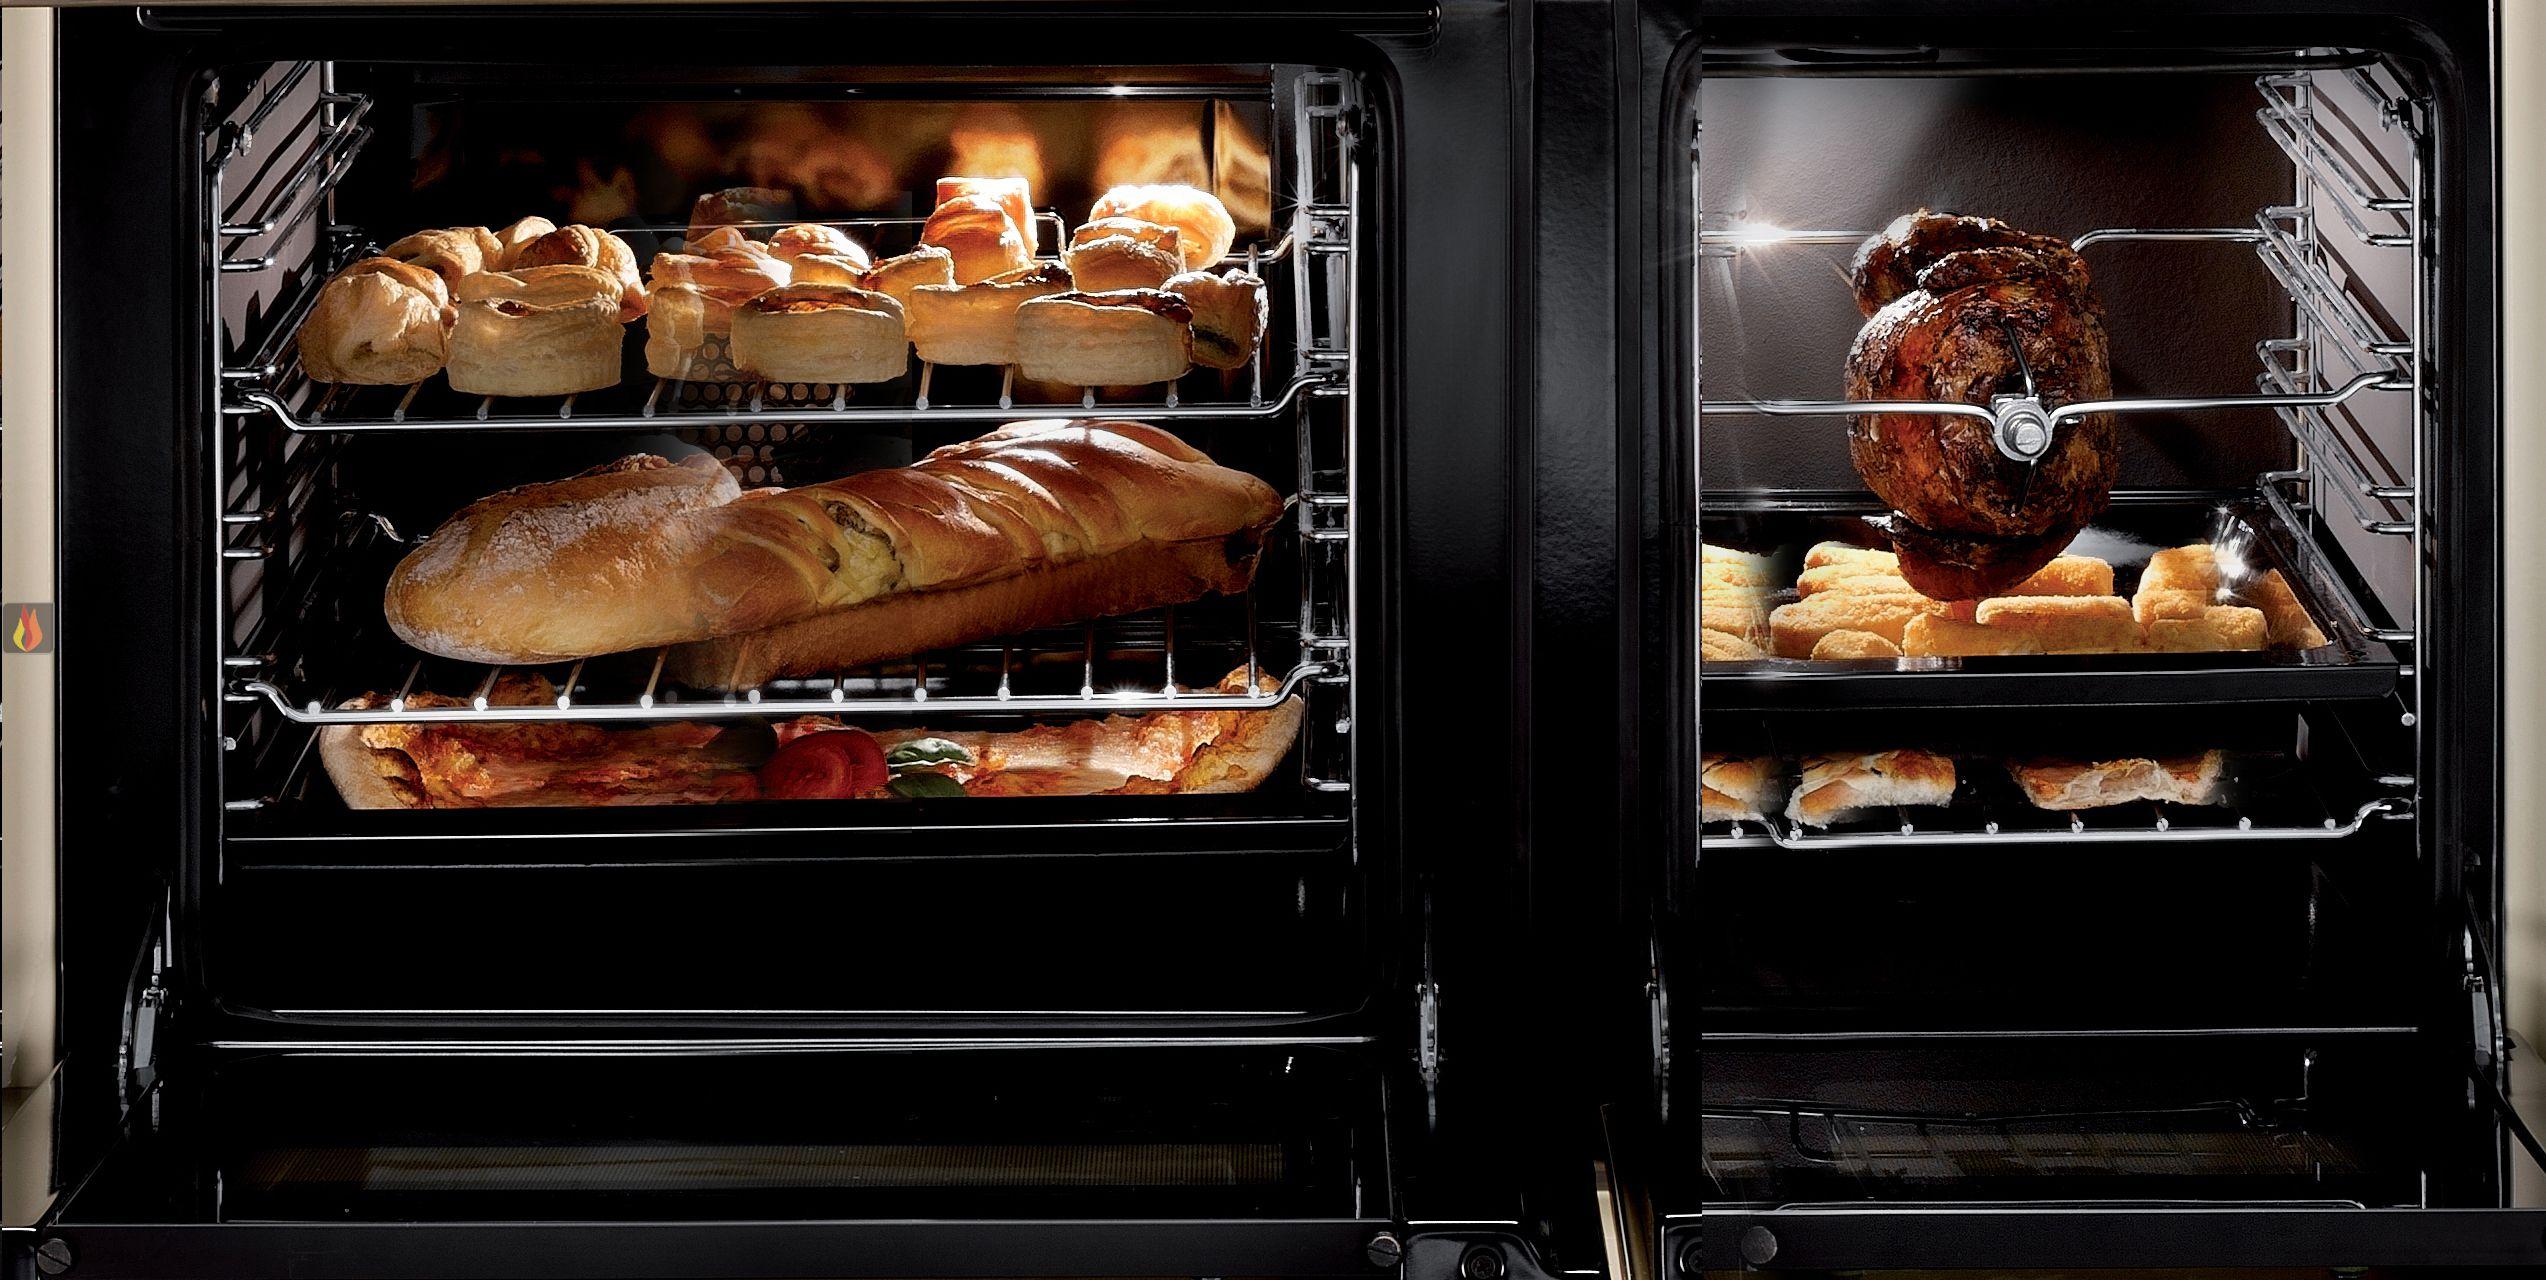 Quel four choisir pour boulangerie?